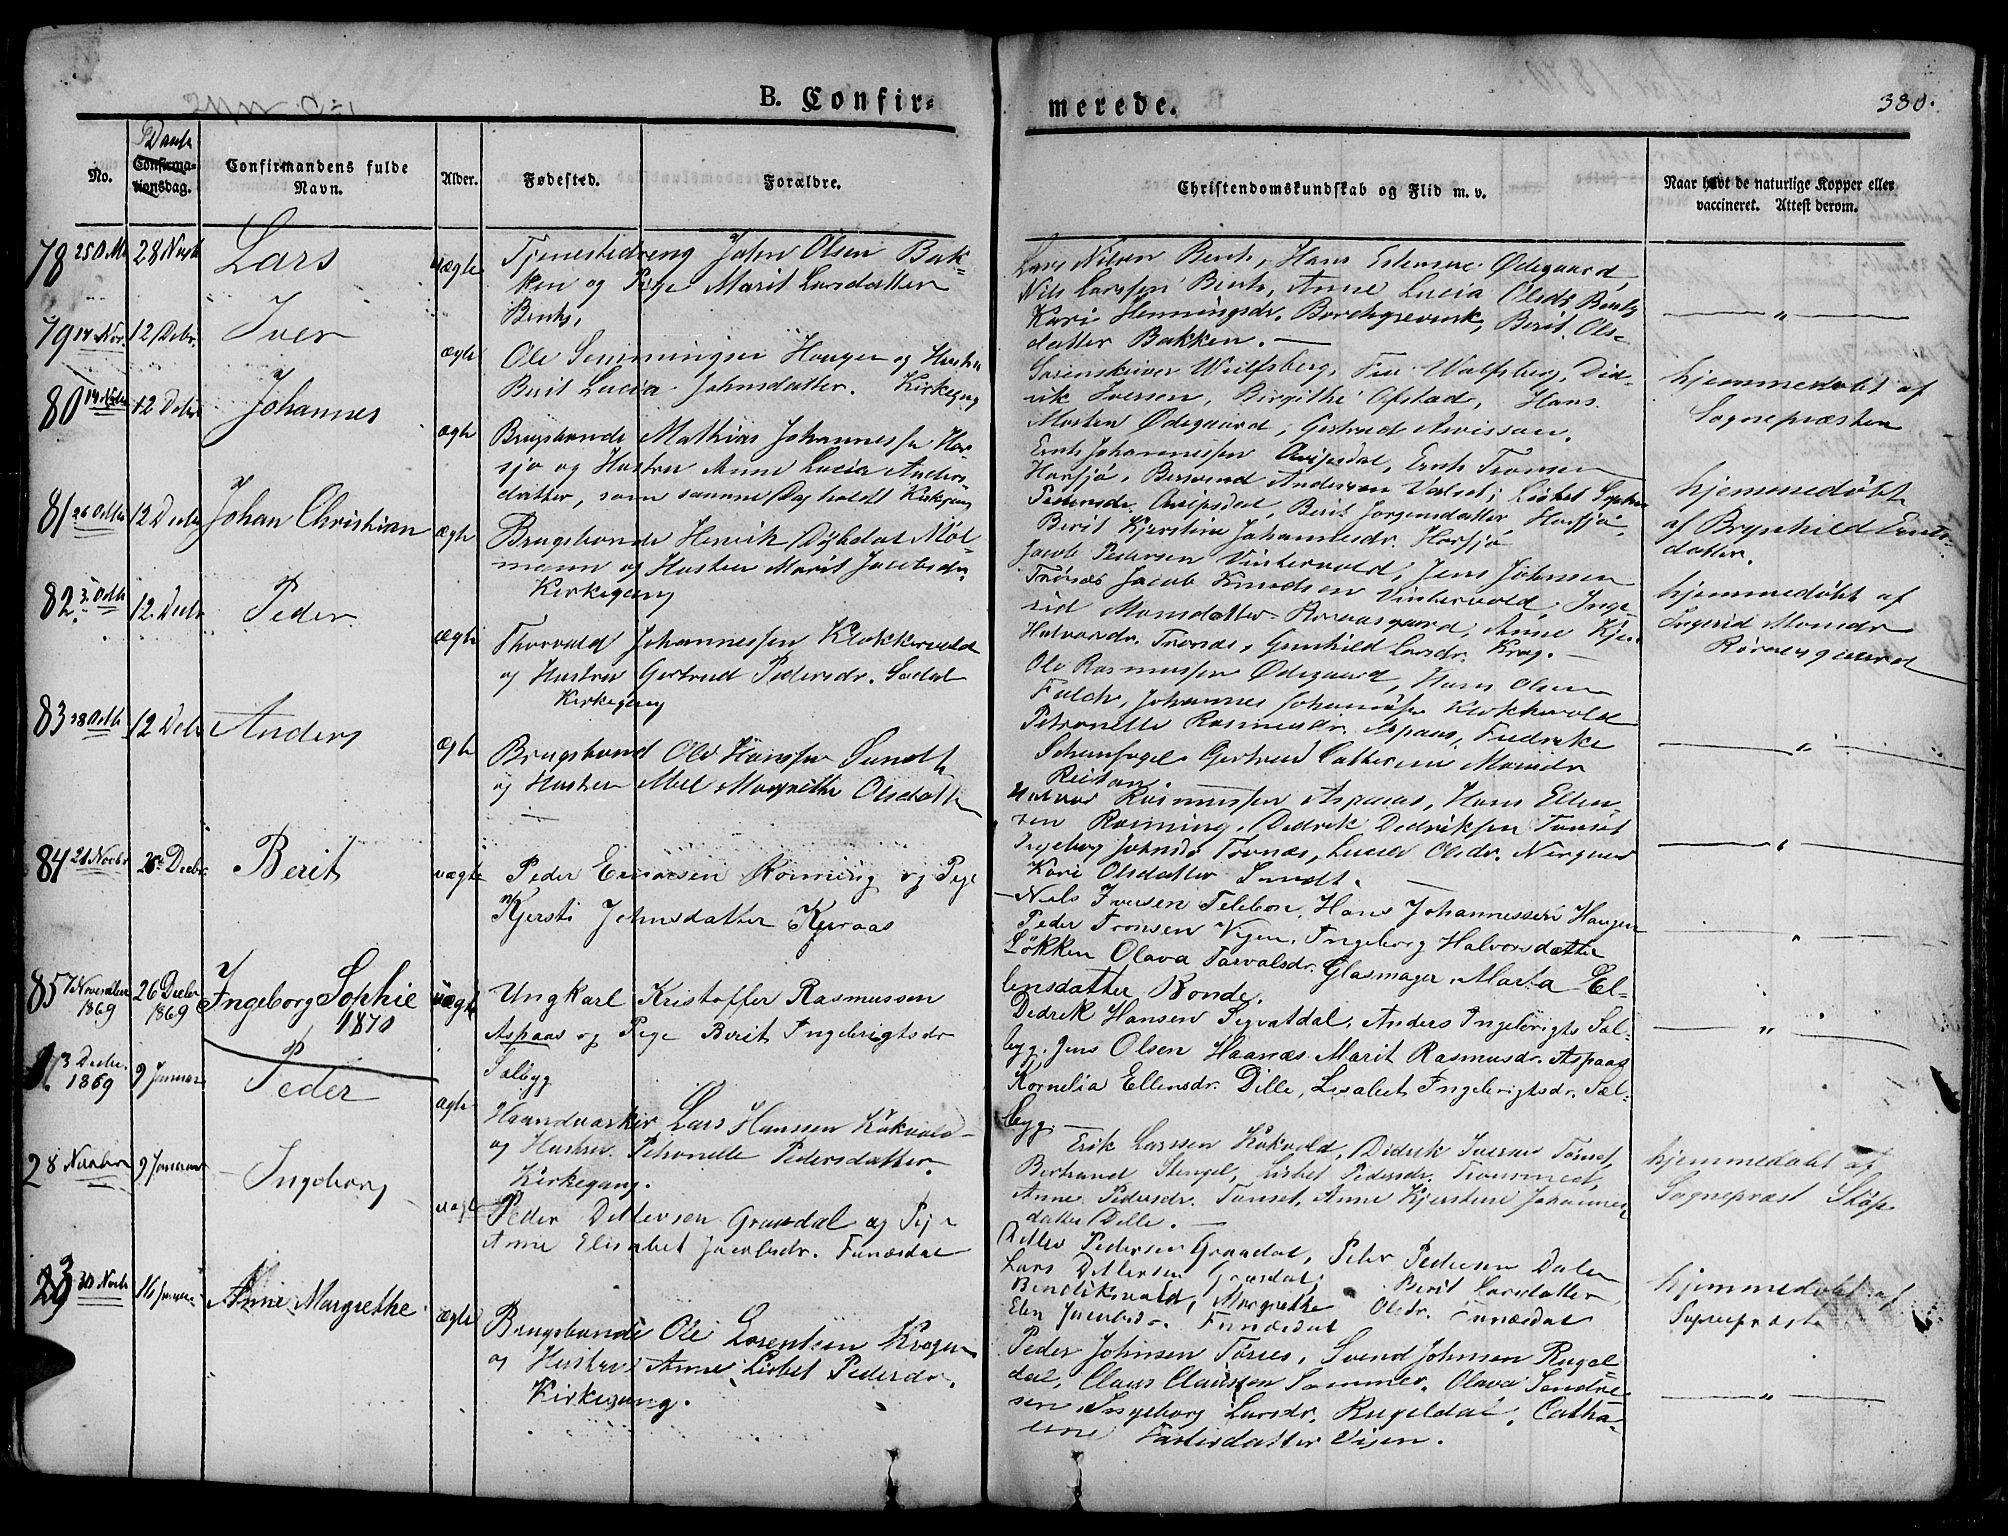 SAT, Ministerialprotokoller, klokkerbøker og fødselsregistre - Sør-Trøndelag, 681/L0938: Klokkerbok nr. 681C02, 1829-1879, s. 380